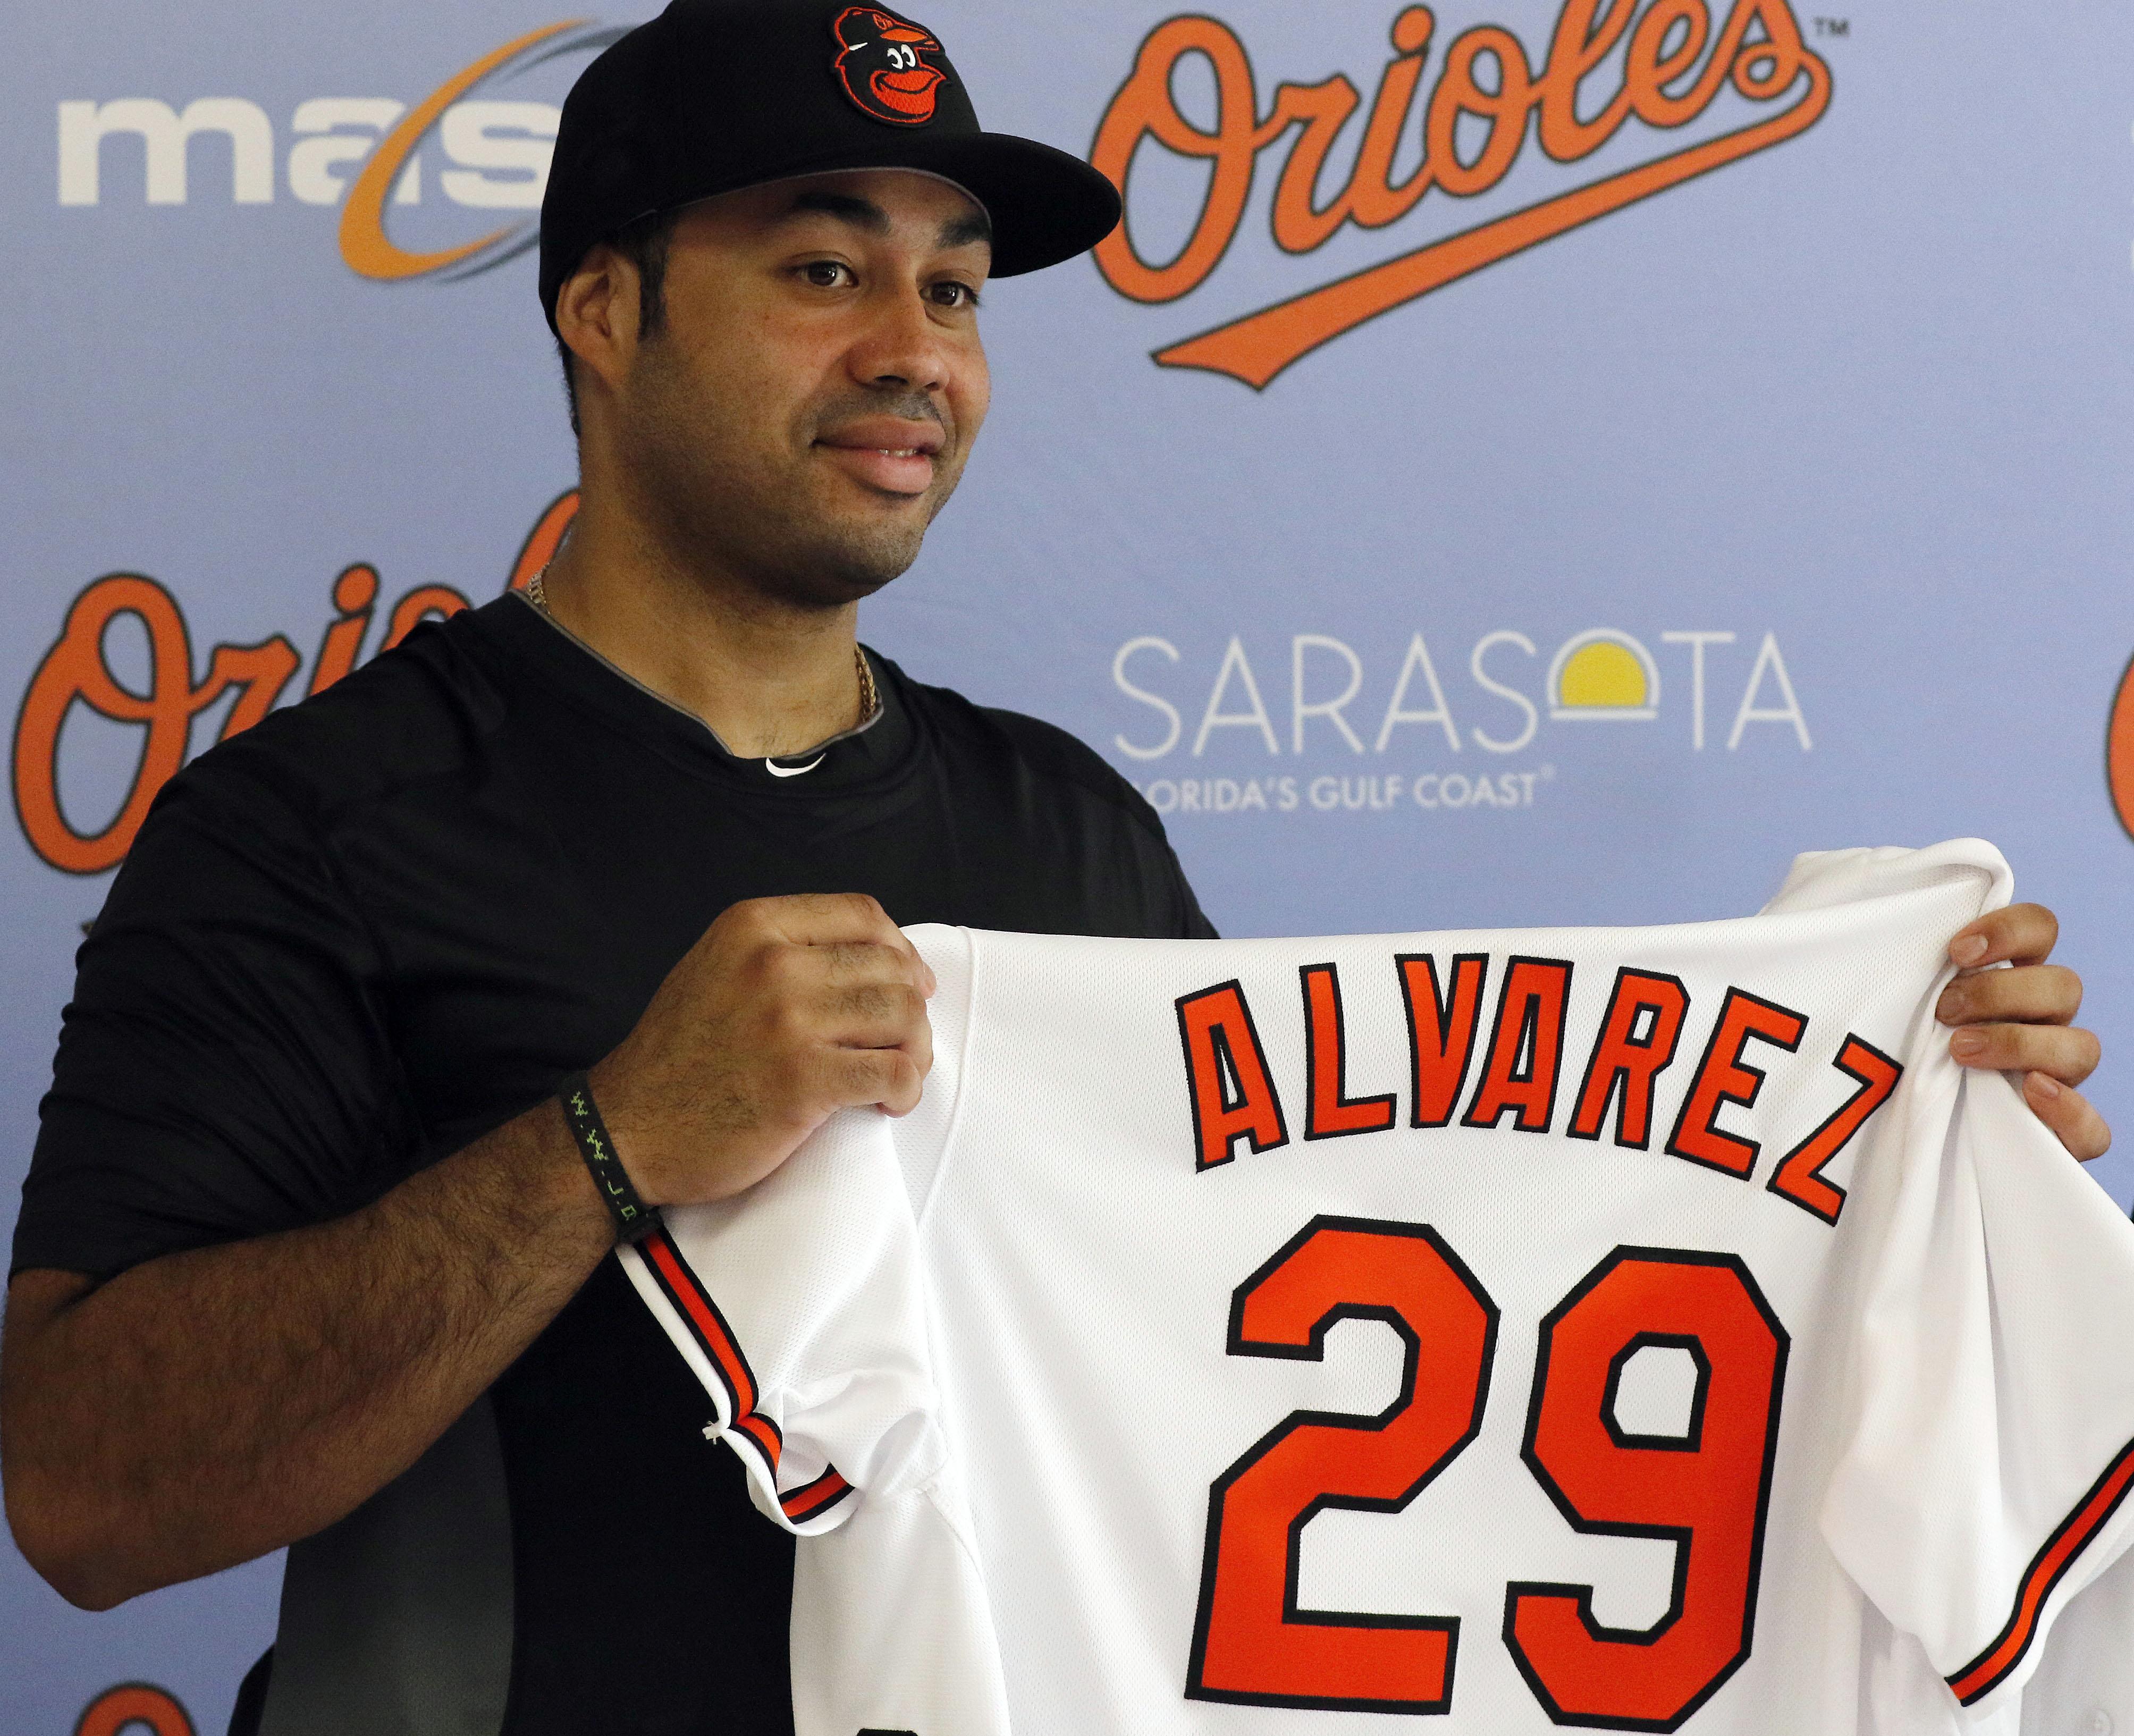 Pedro Alvarez finds a home in Baltimore